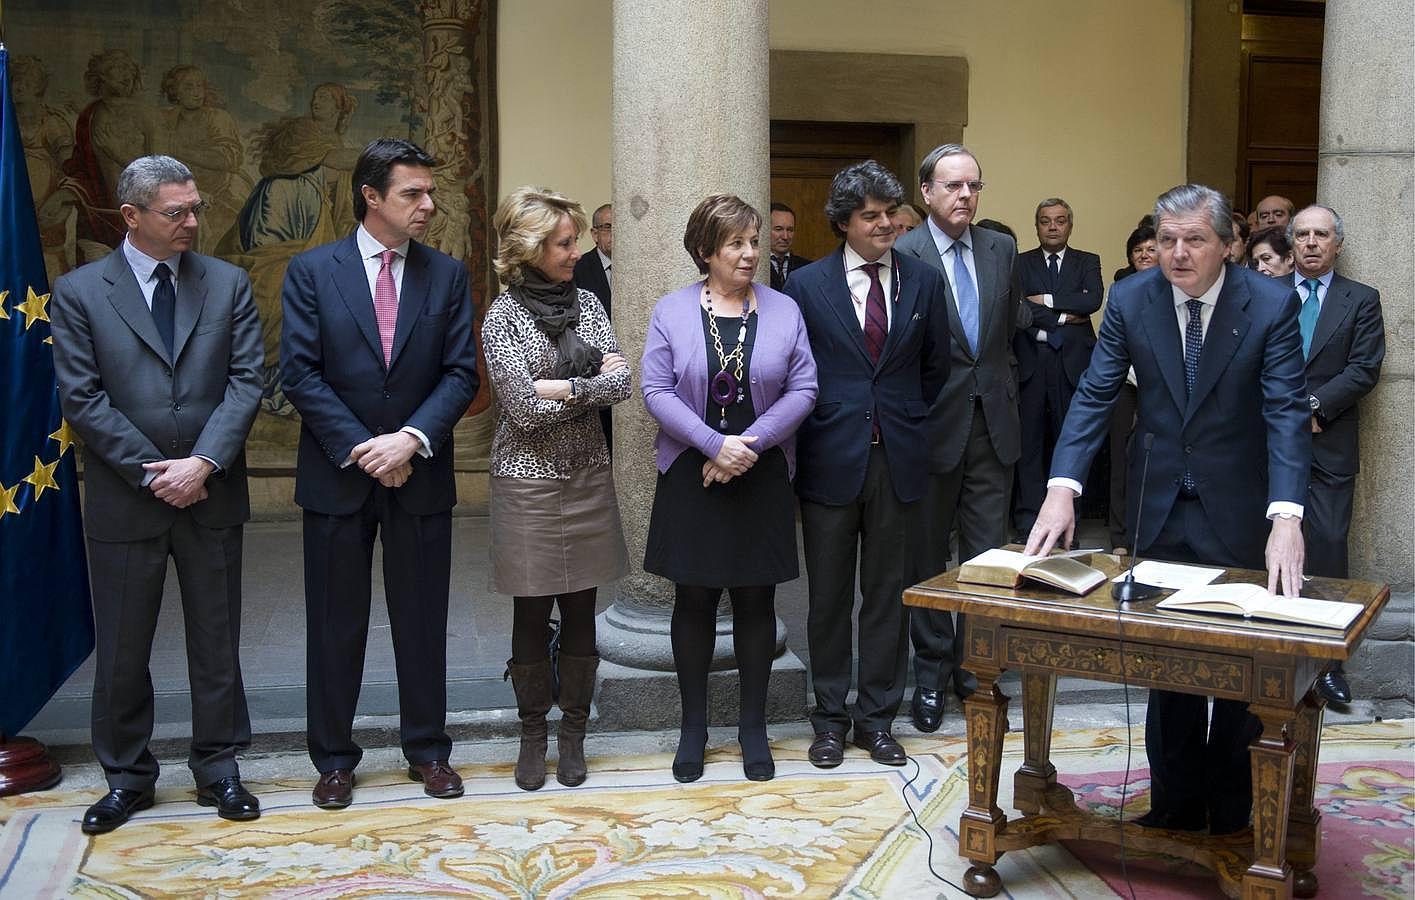 El secretario de Estado para la UE es desde 1022 Íñigo Méndez de Vigo, nombrado en el ministerio de manos del ministro de asuntos exteriores José Manuel García-Margallo